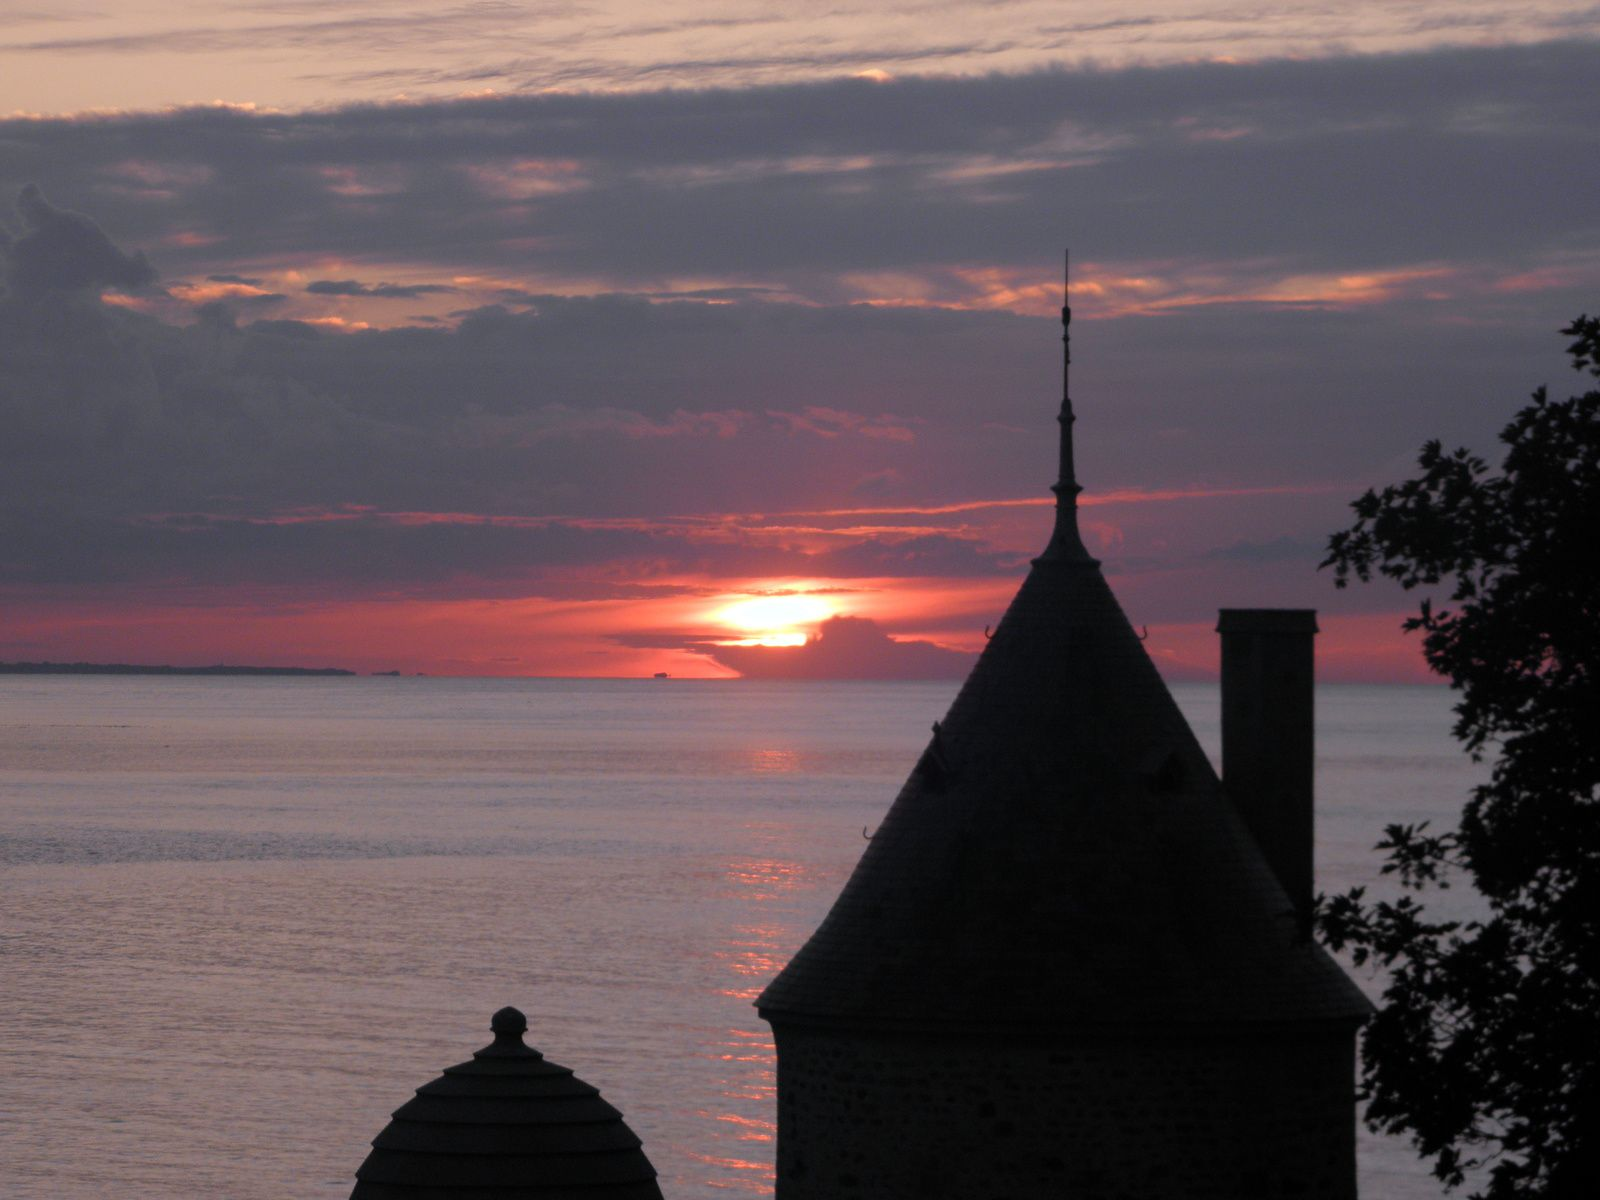 Profitez des beaux jours pour venir sur la baie du Mont-Saint-Michel !